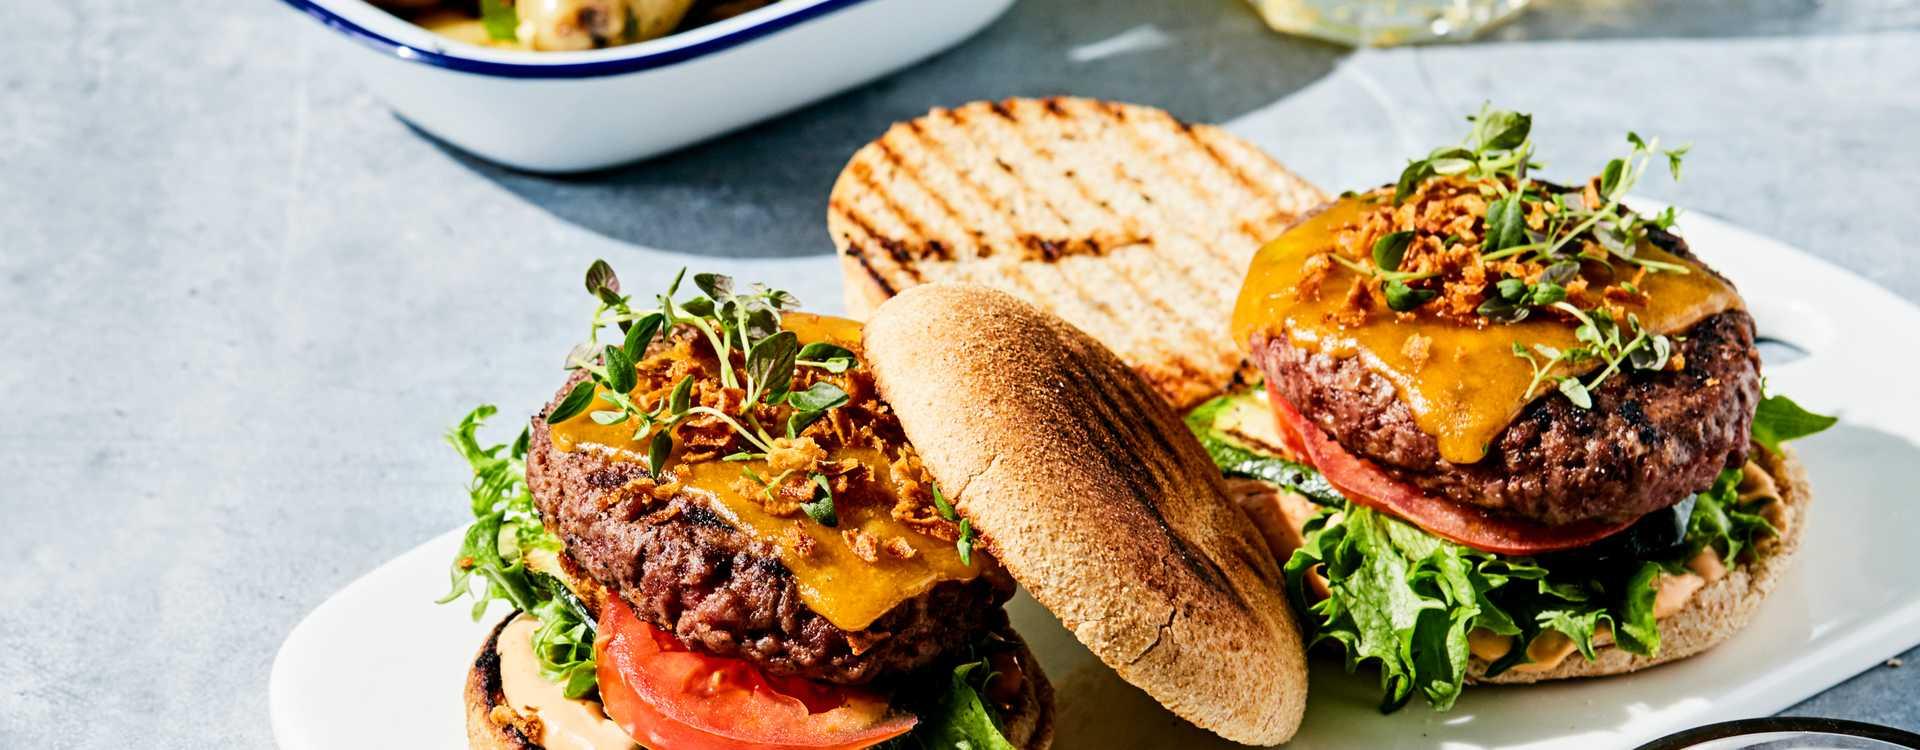 Baconburger med ovnsbakte poteter